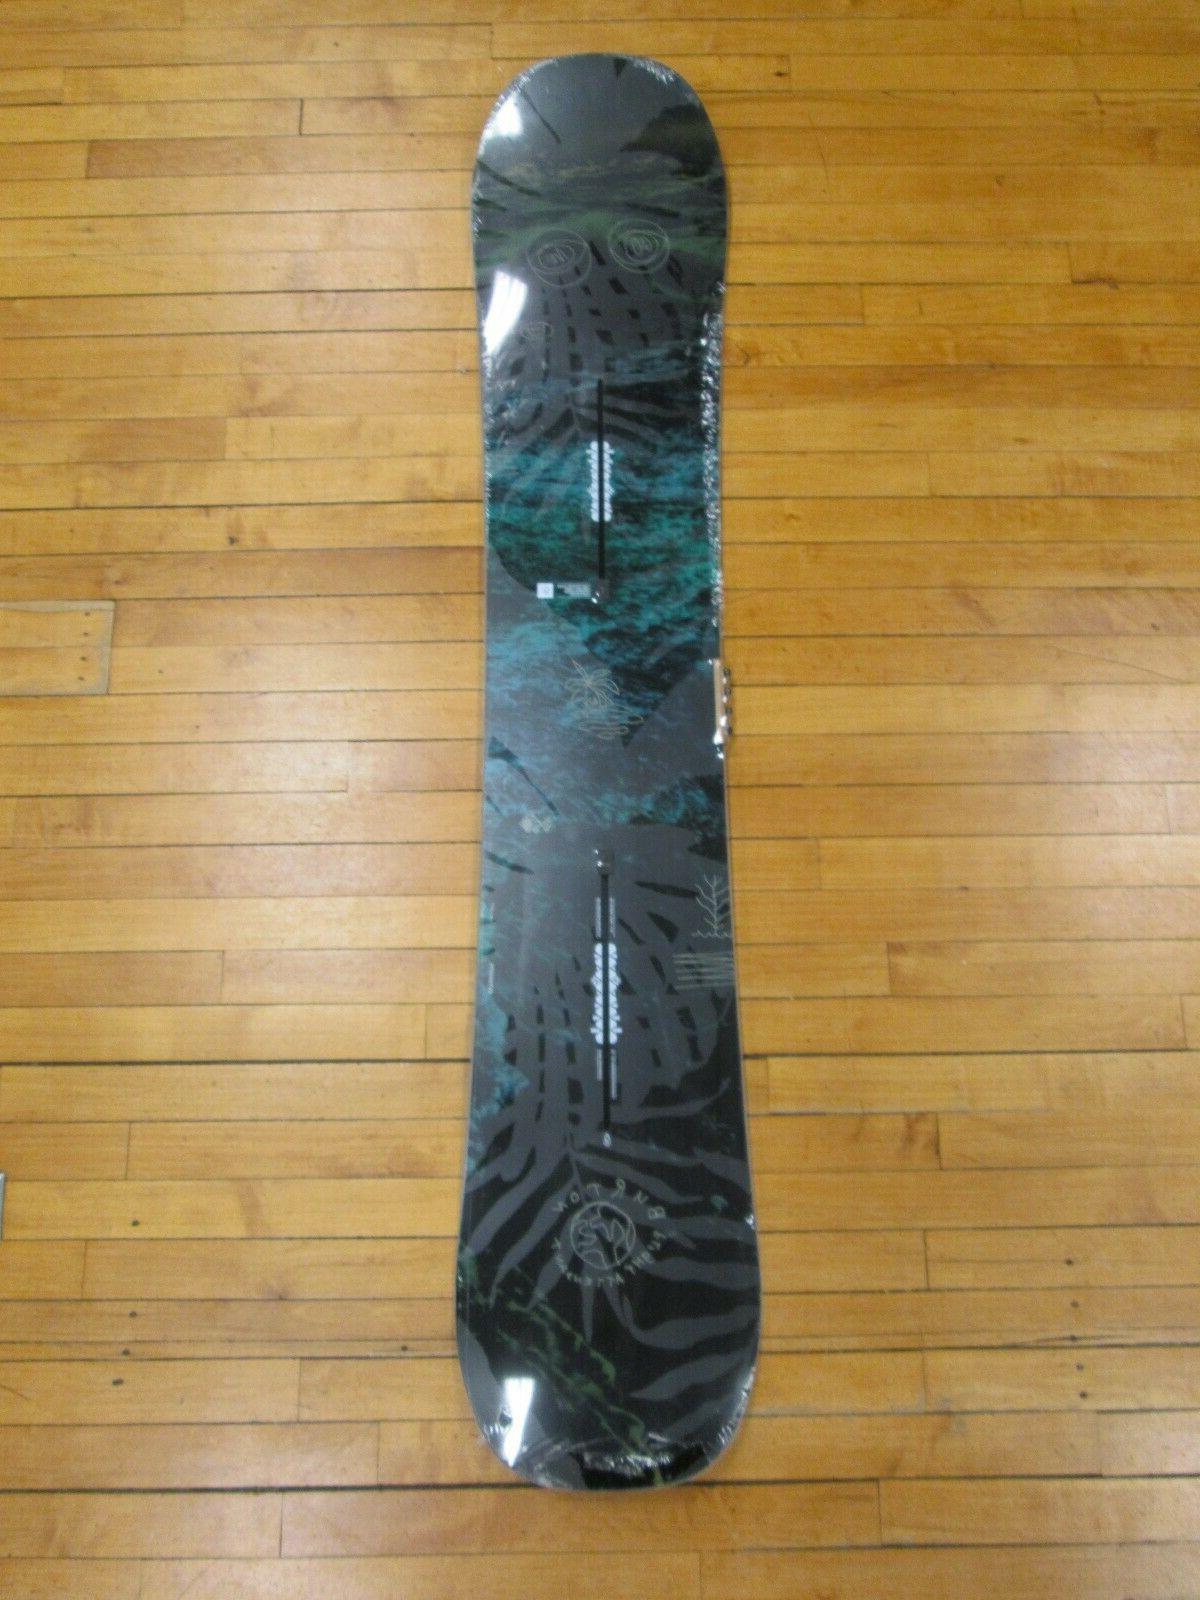 162w flight attendant snowboard brand new